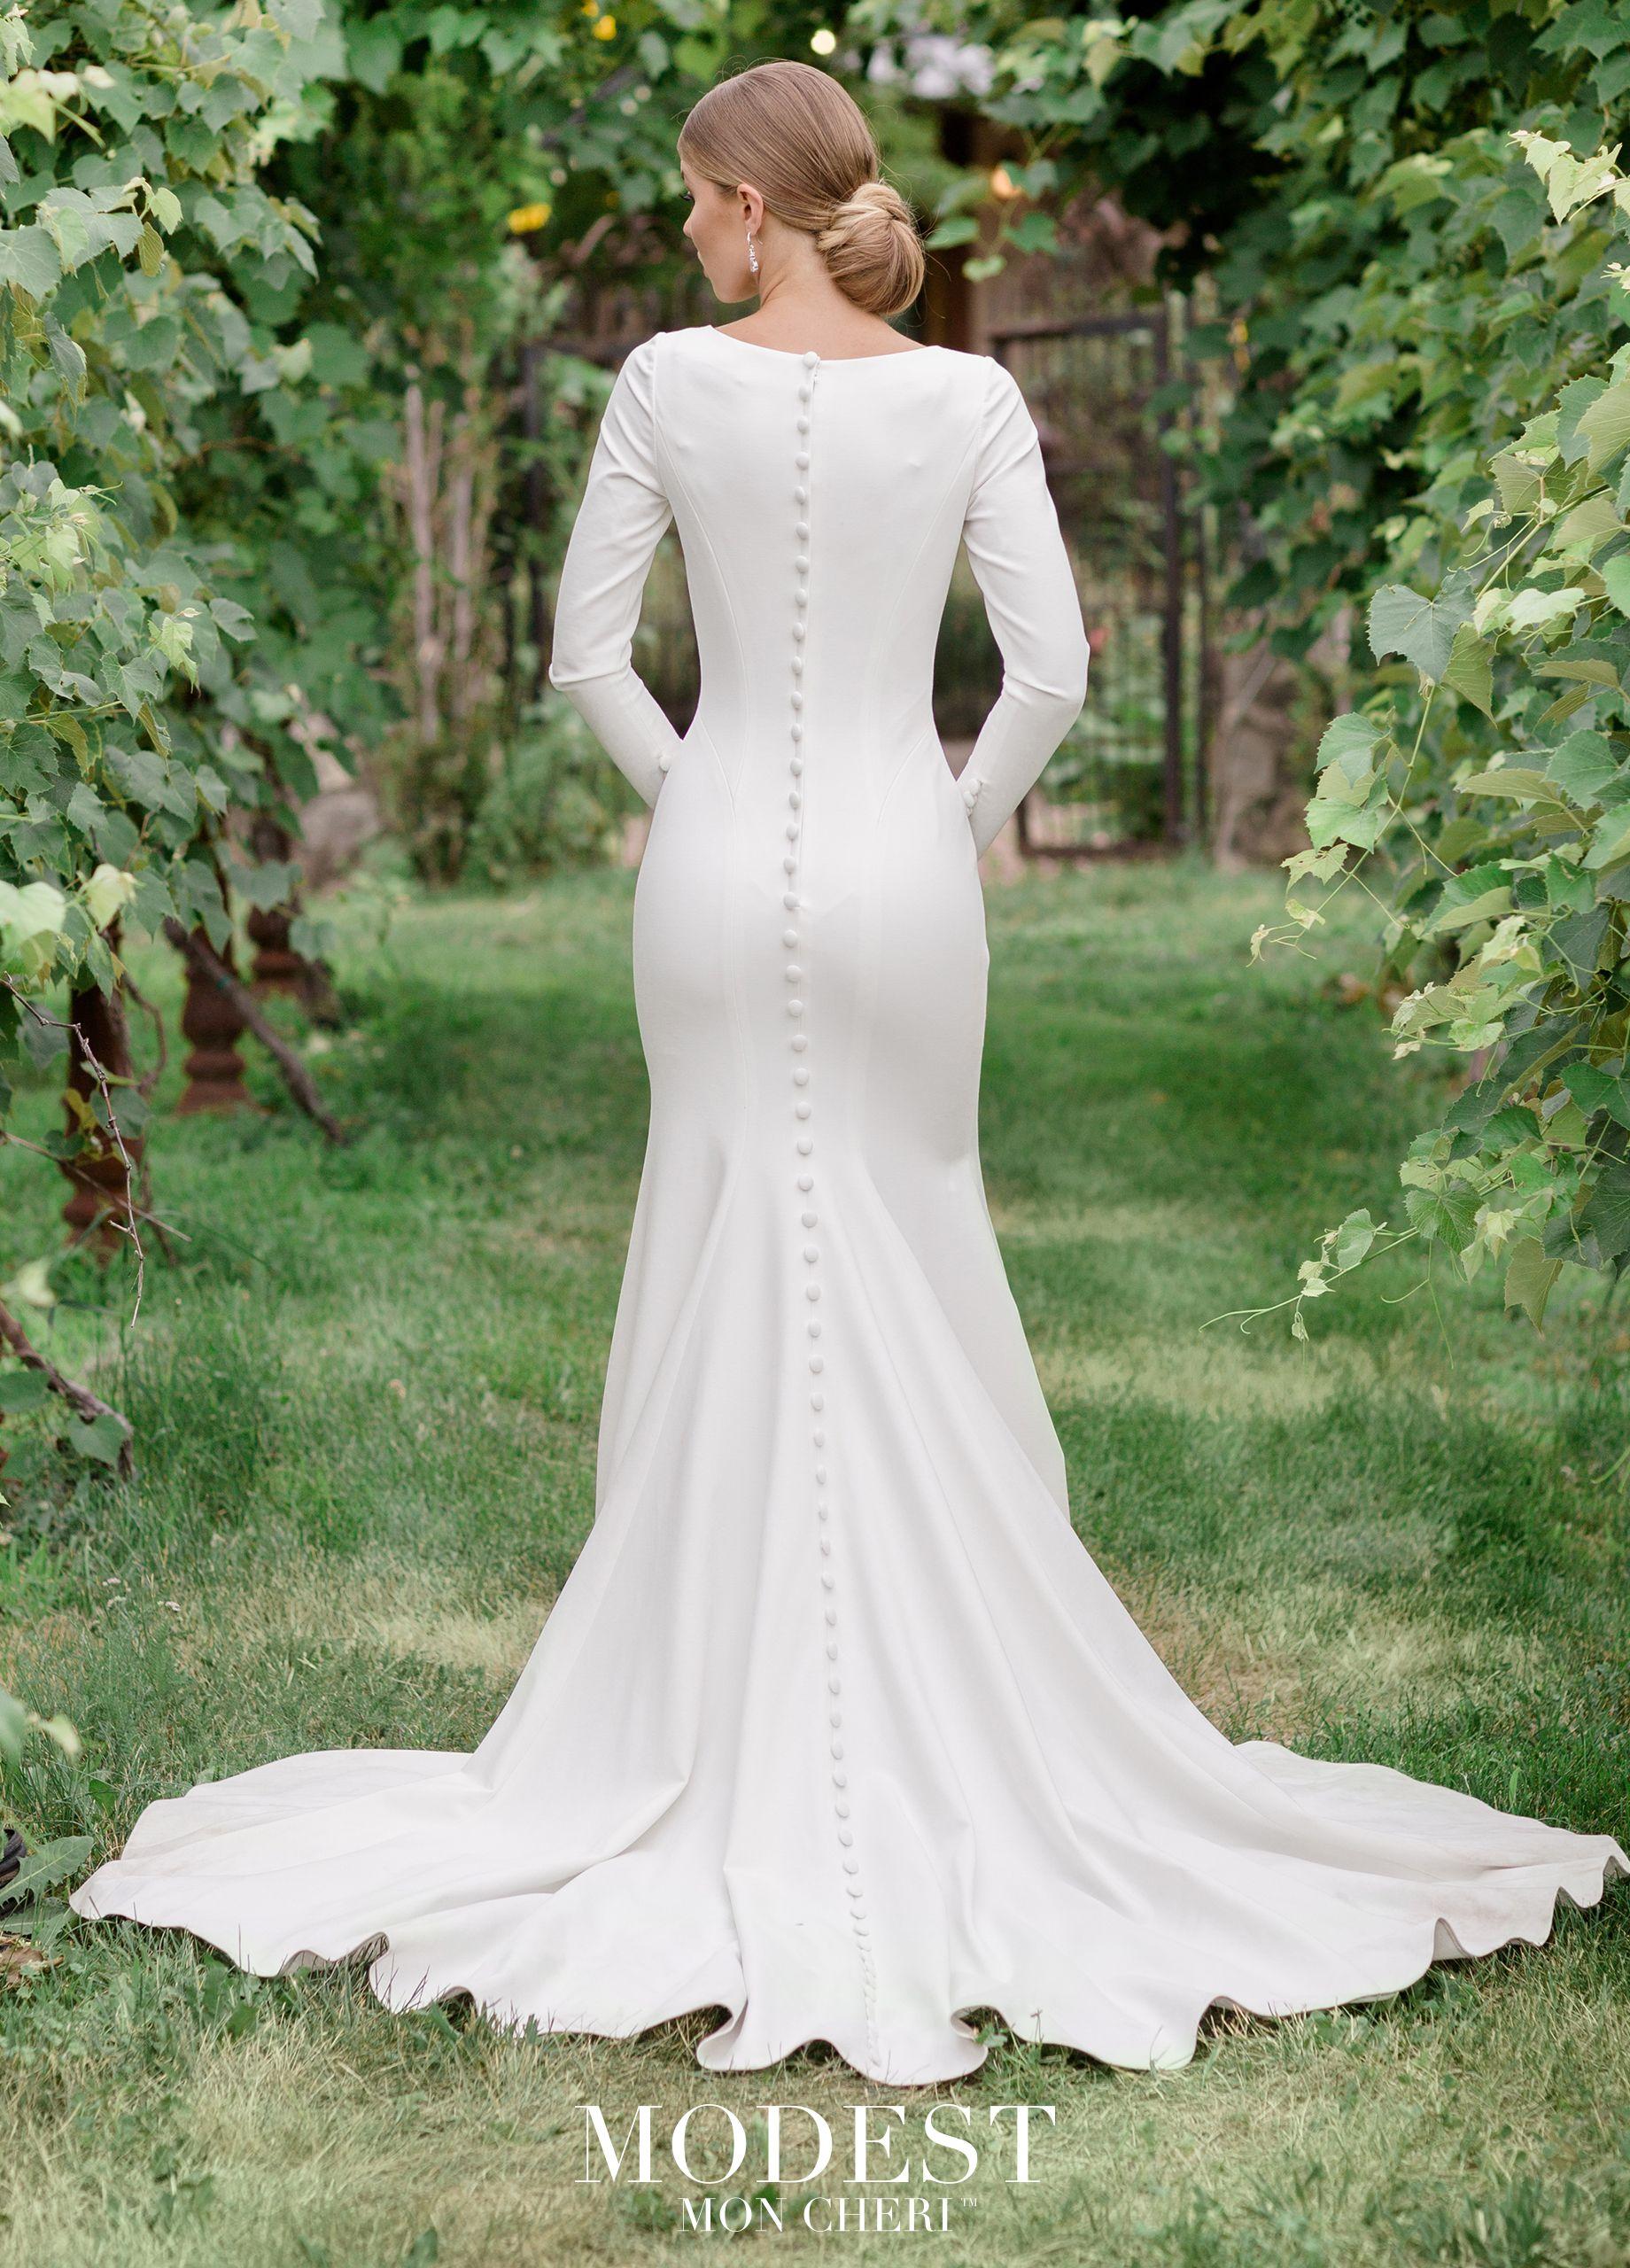 Modest By Mon Cheri Tr11988 Mon Cheri Bridals Modest Wedding Dresses Wedding Dresses Princess Wedding Dresses [ 2560 x 1840 Pixel ]